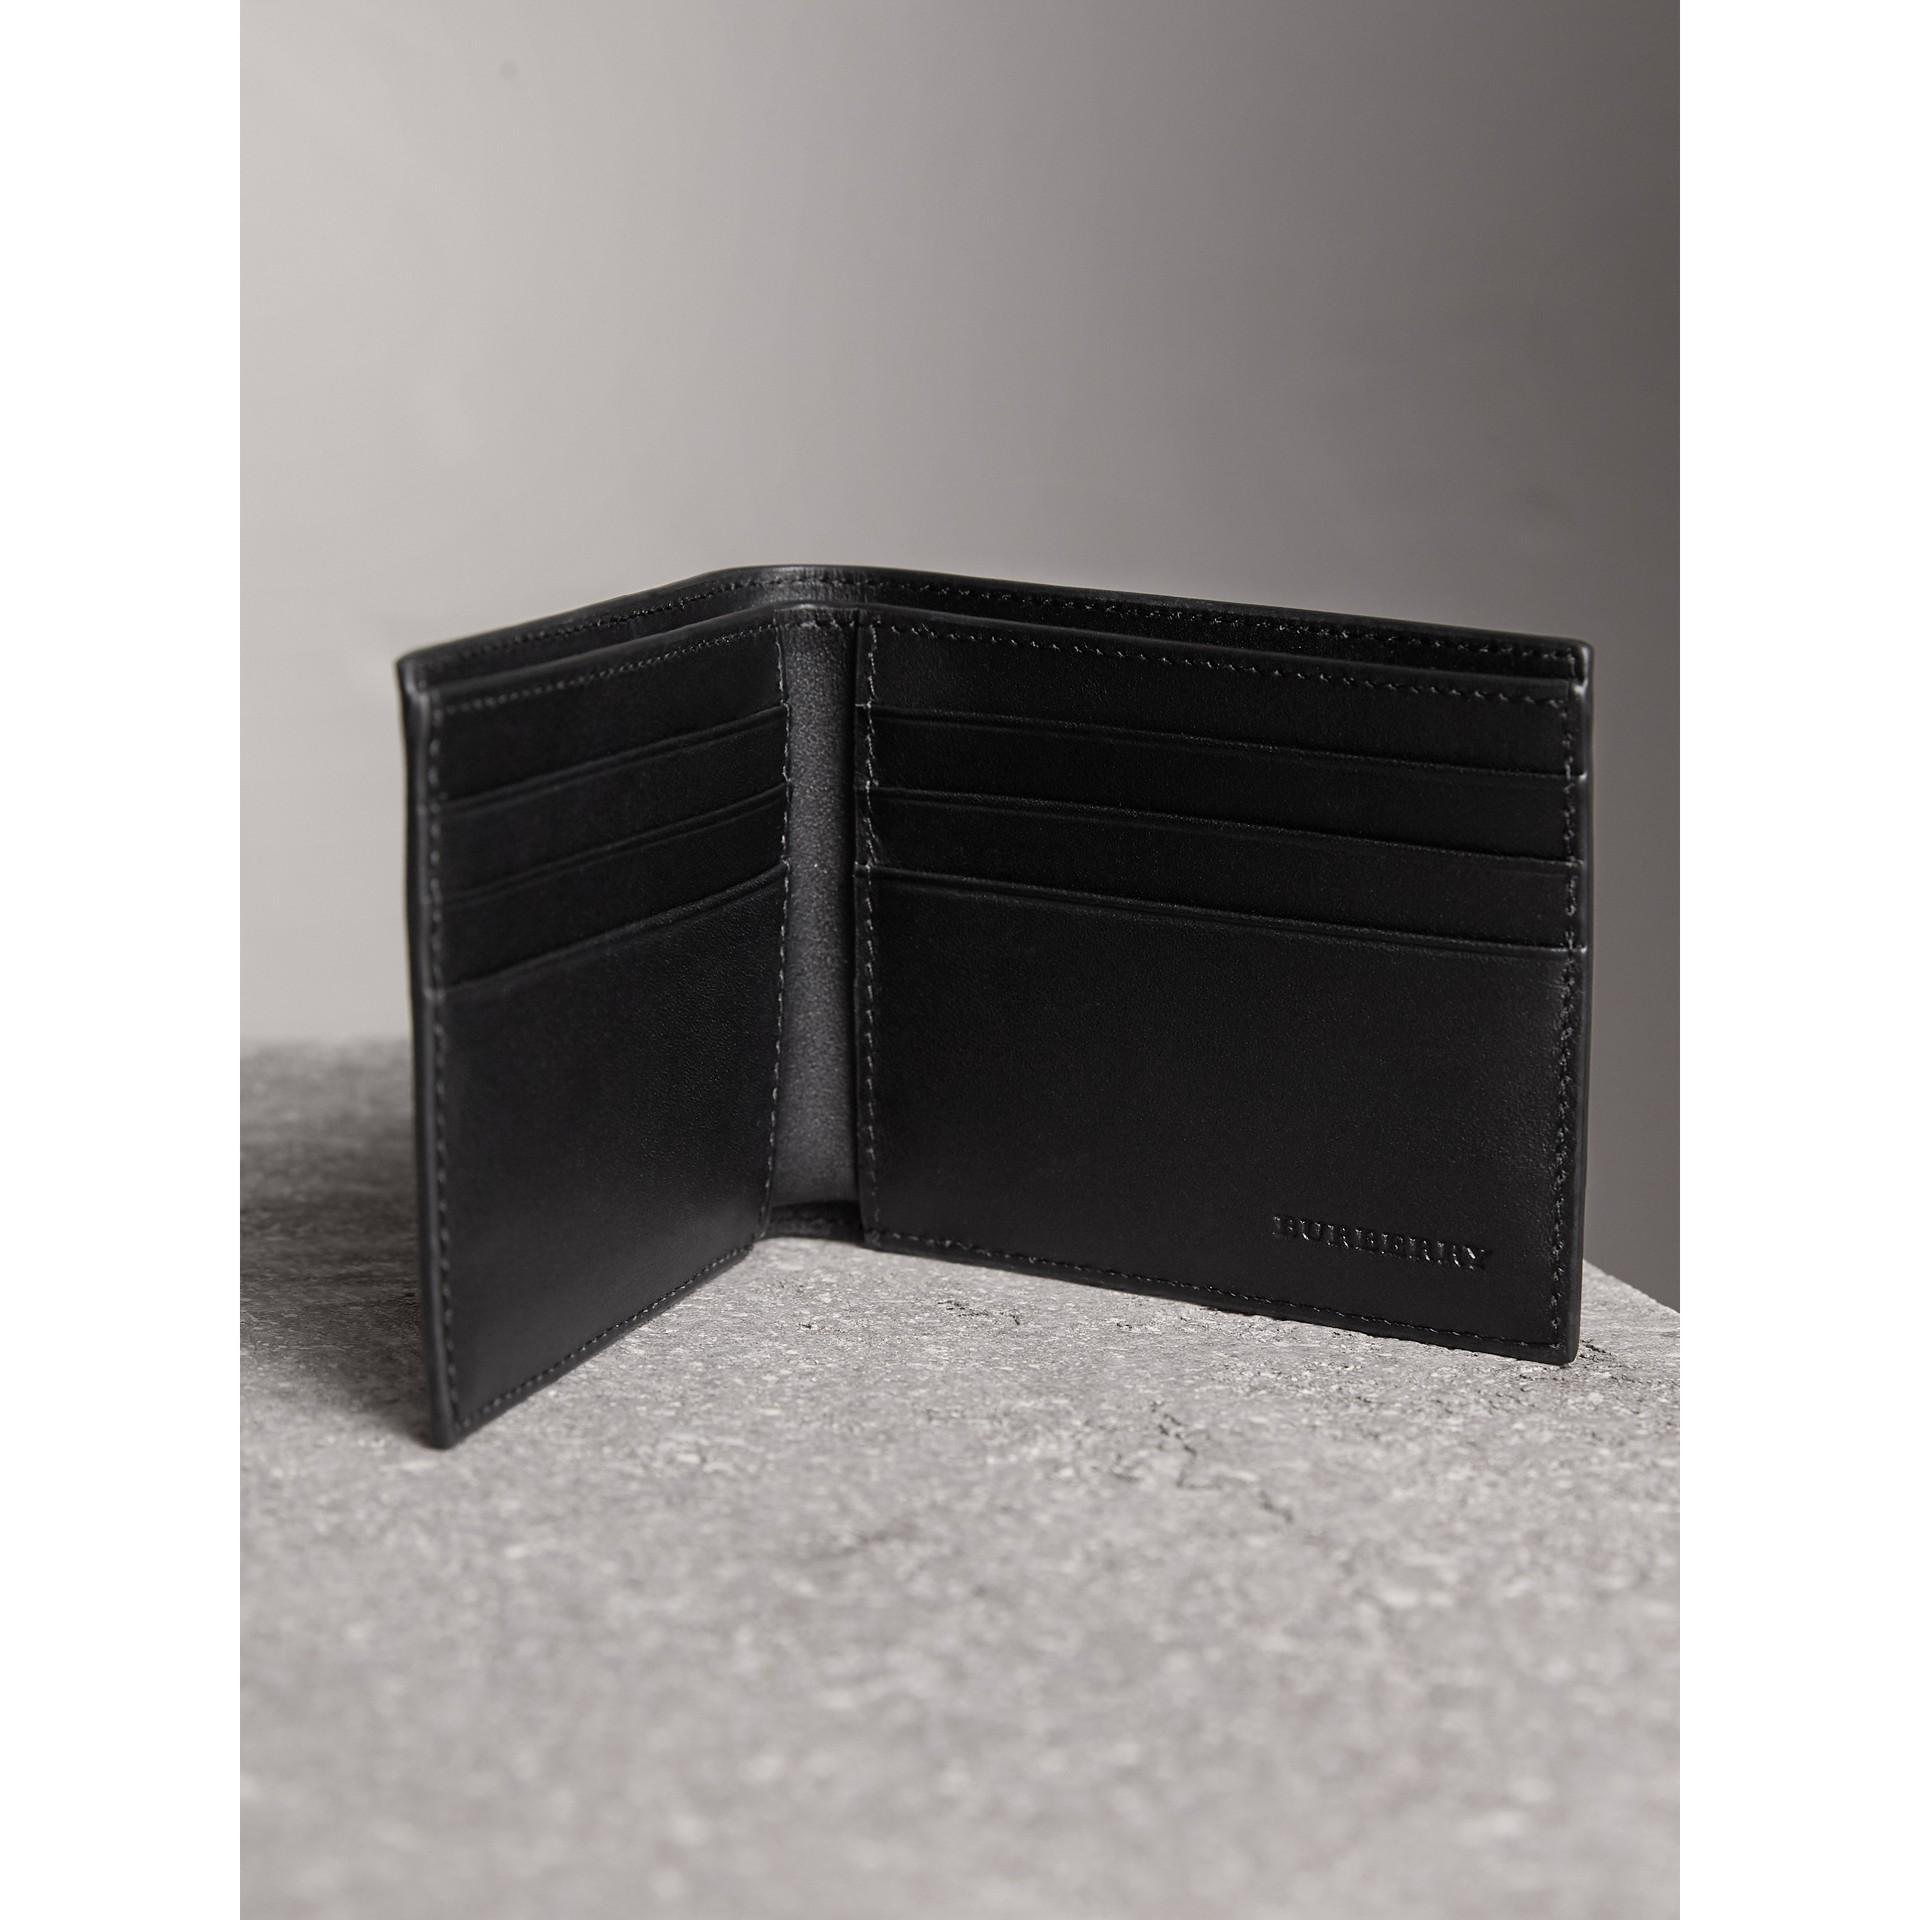 ロンドンチェック&レザー バイフォールドウォレット (ネイビー/ブラック) - メンズ | バーバリー - ギャラリーイメージ 4